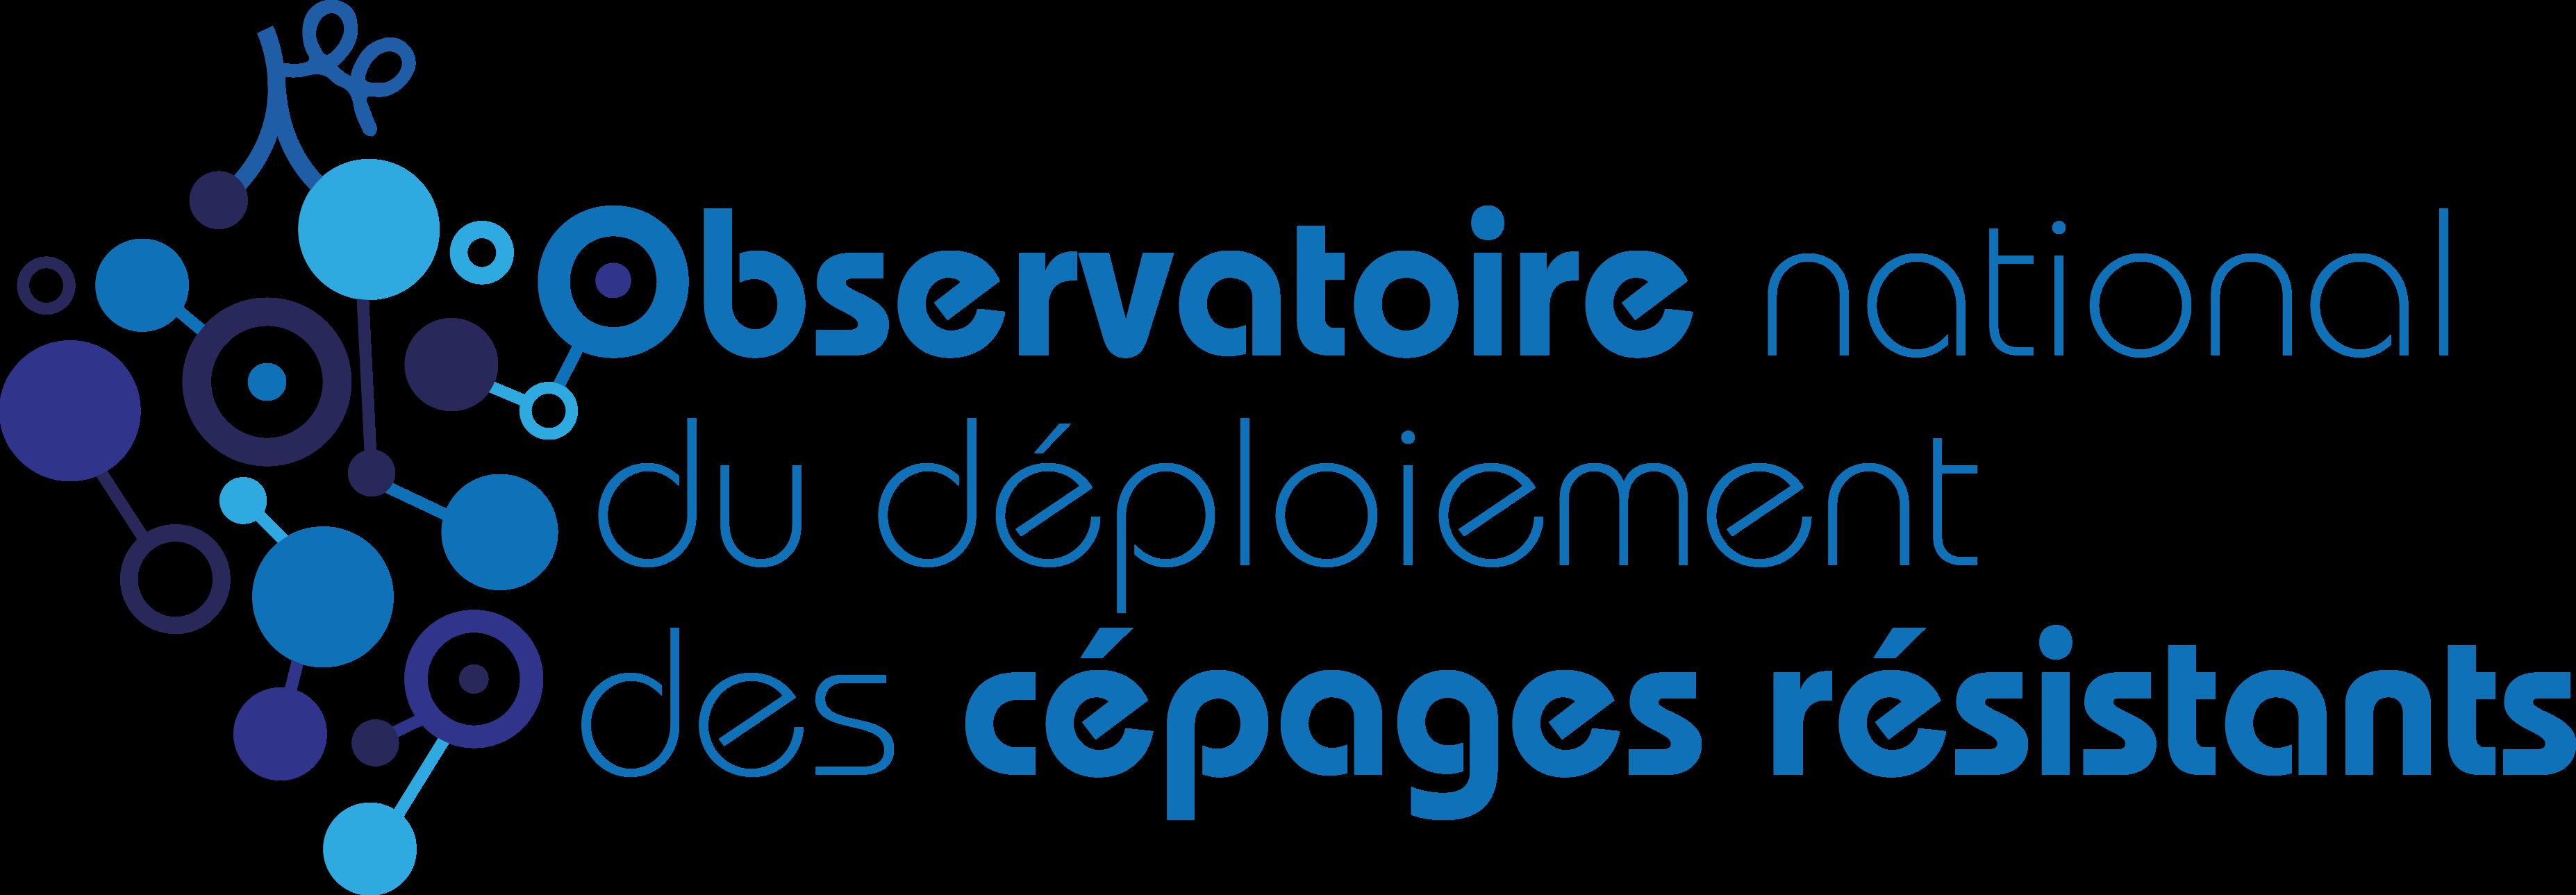 Observatoire national du déploiement des cépages résistants